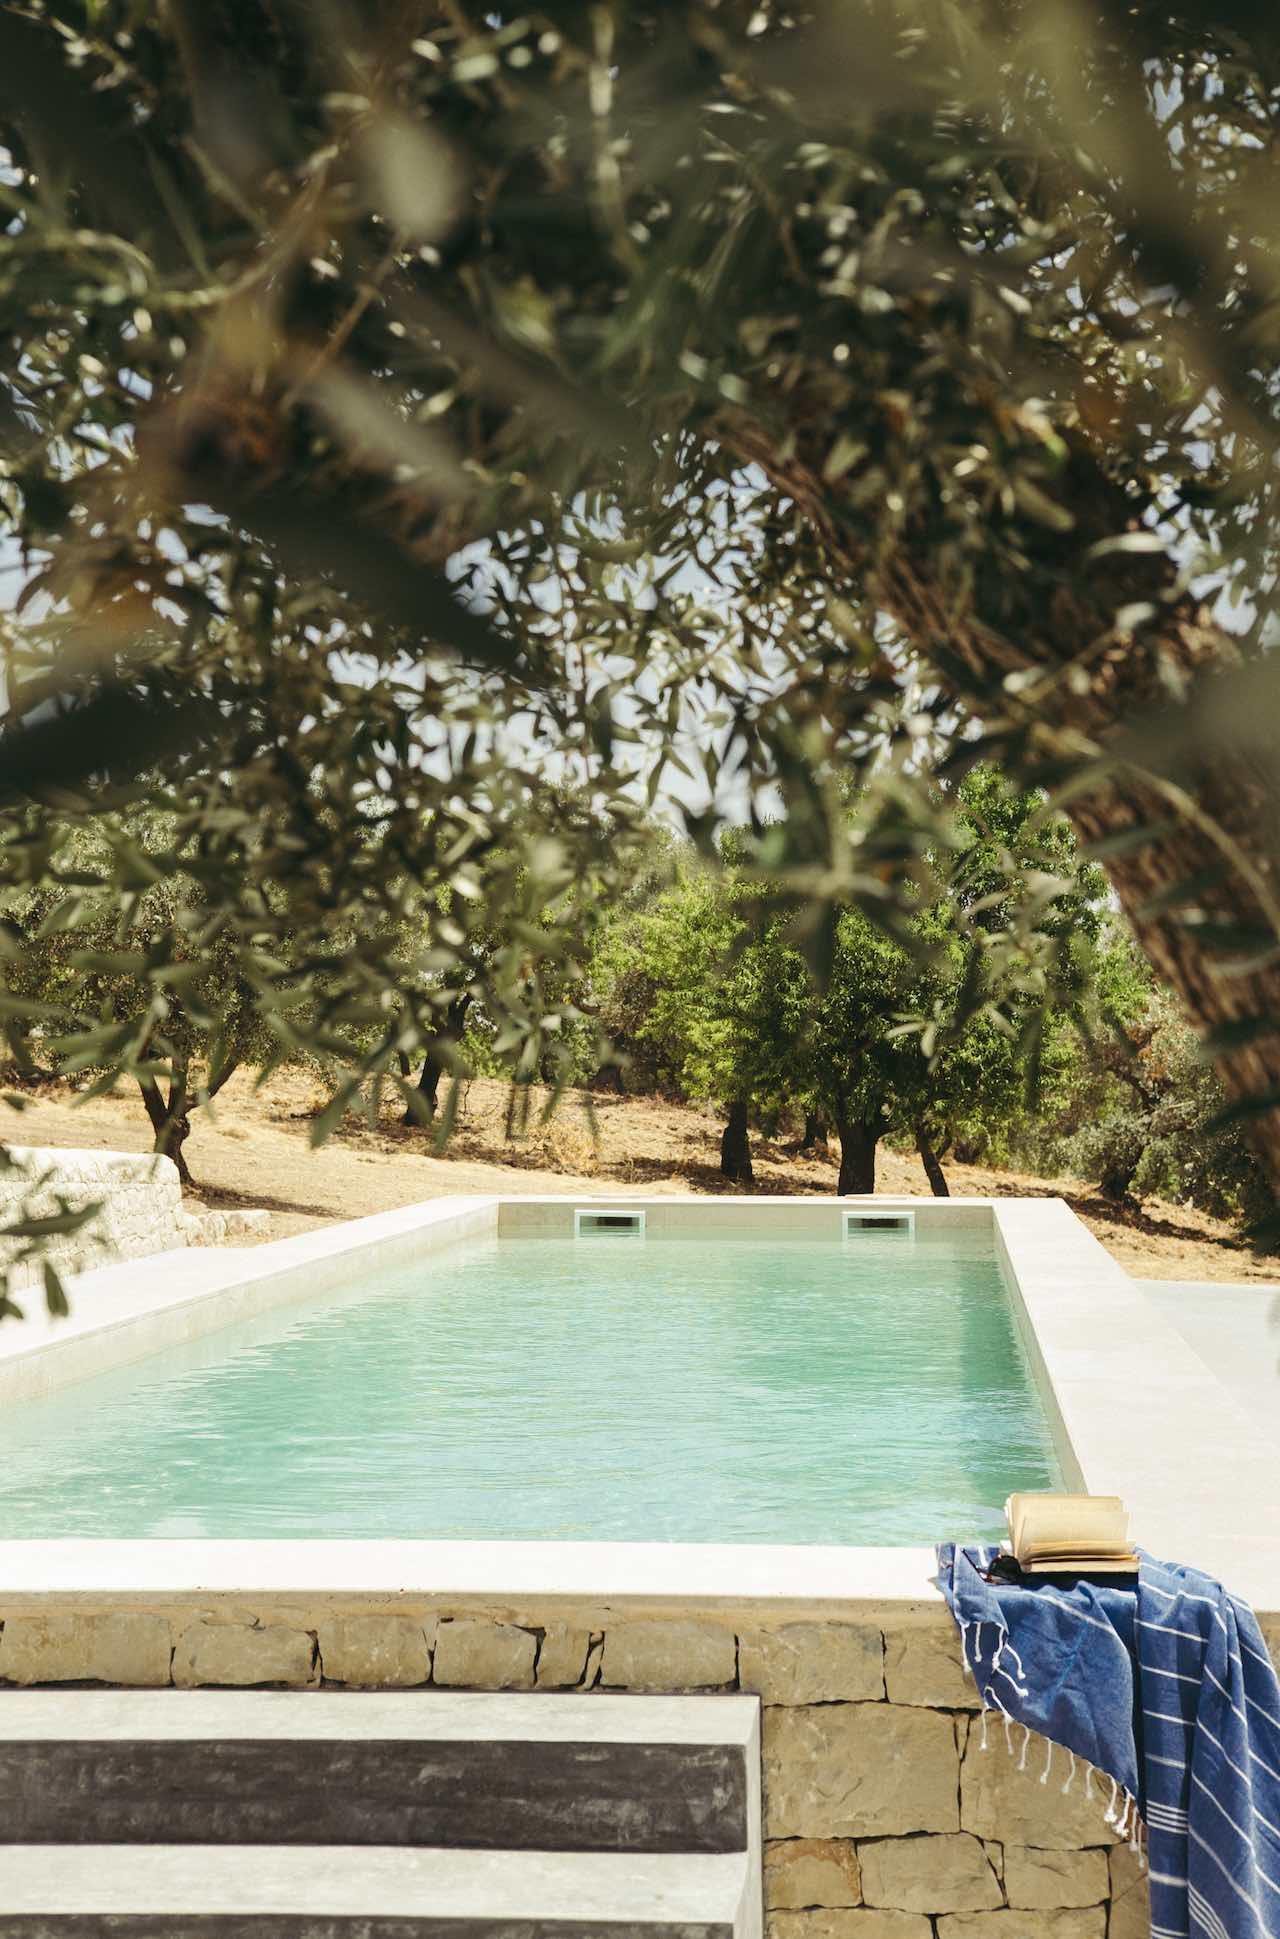 Countryhouse Villadorata Noto Sicily Dell'Ulivo Suite Pool